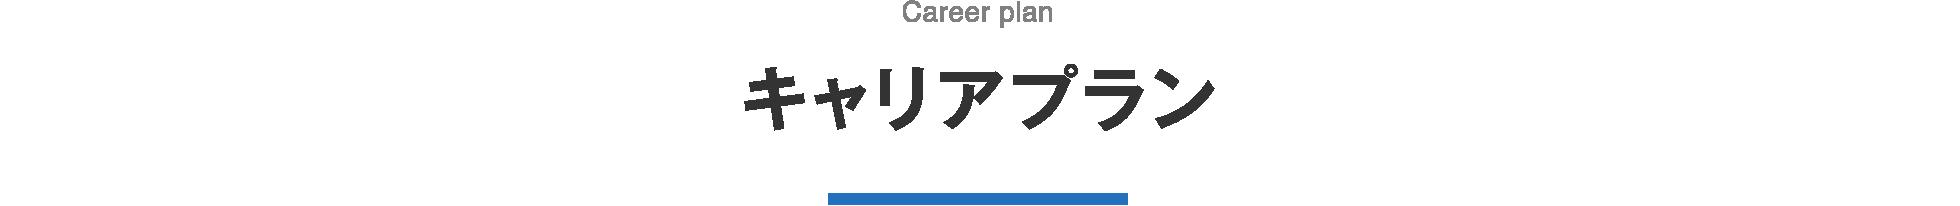 キャリアプラン Career plan